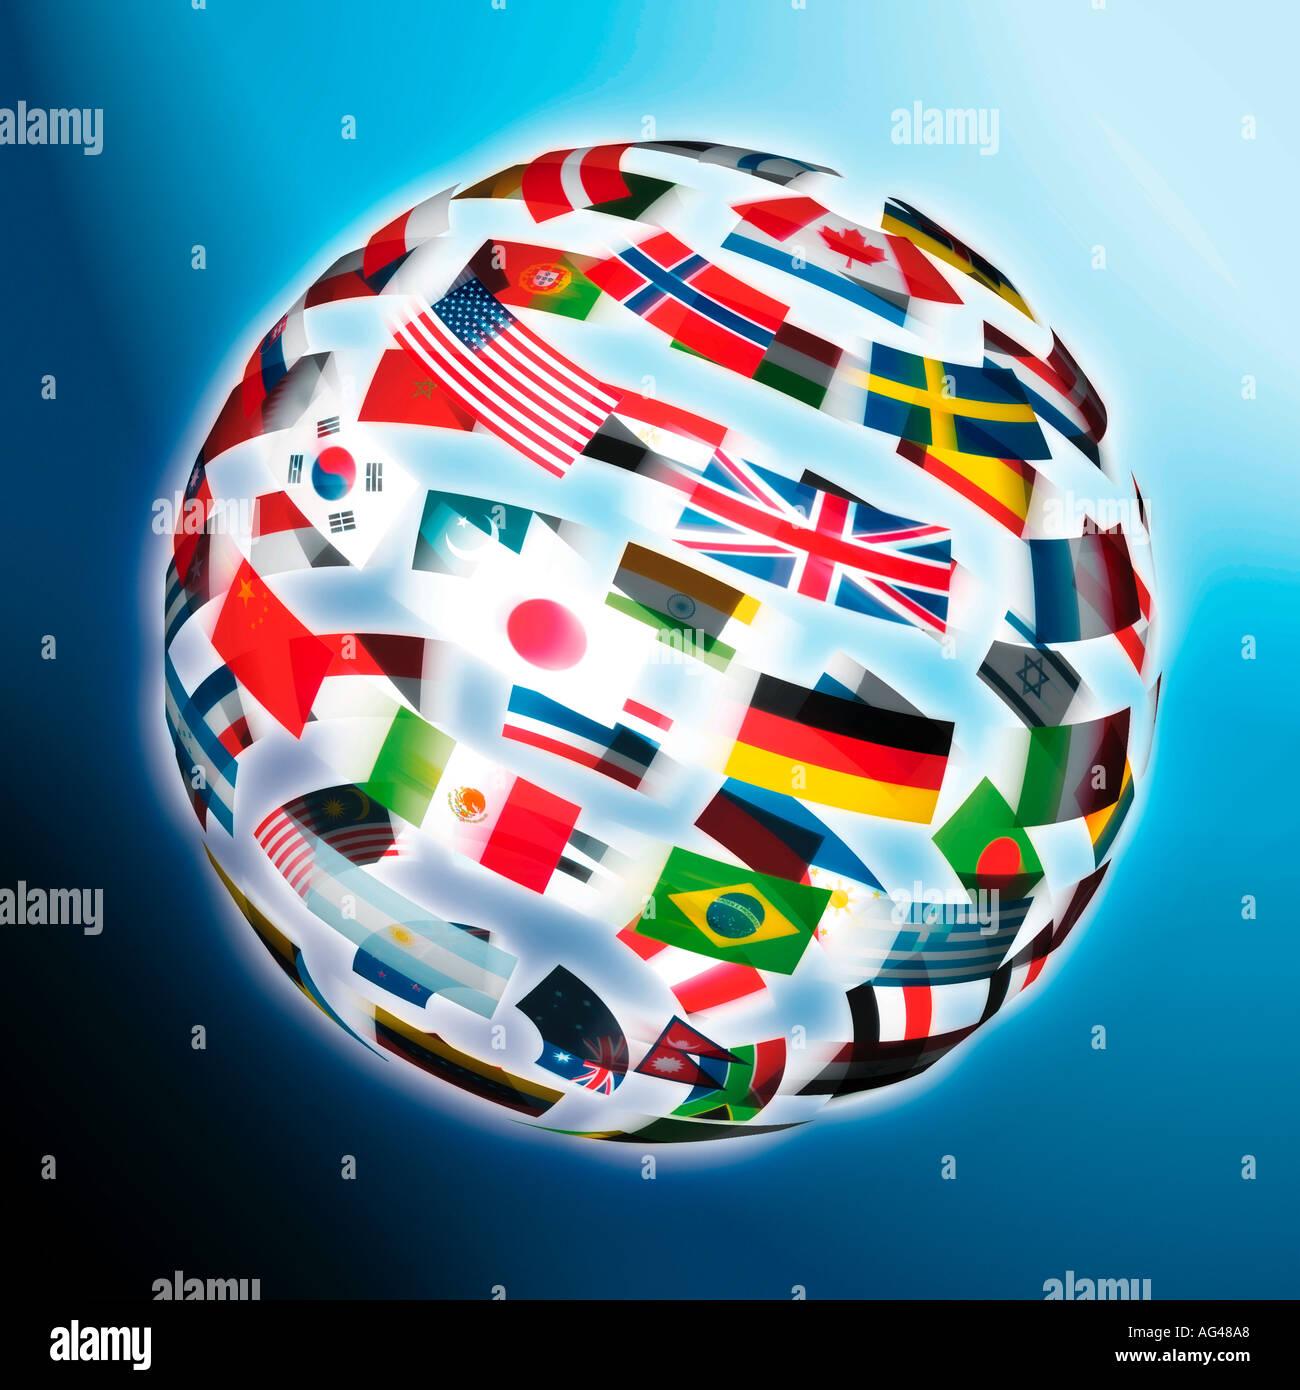 Internationale Flaggen in der Form einer Kugel vor einem blauen Hintergrund. Flagge Welt. Stockbild